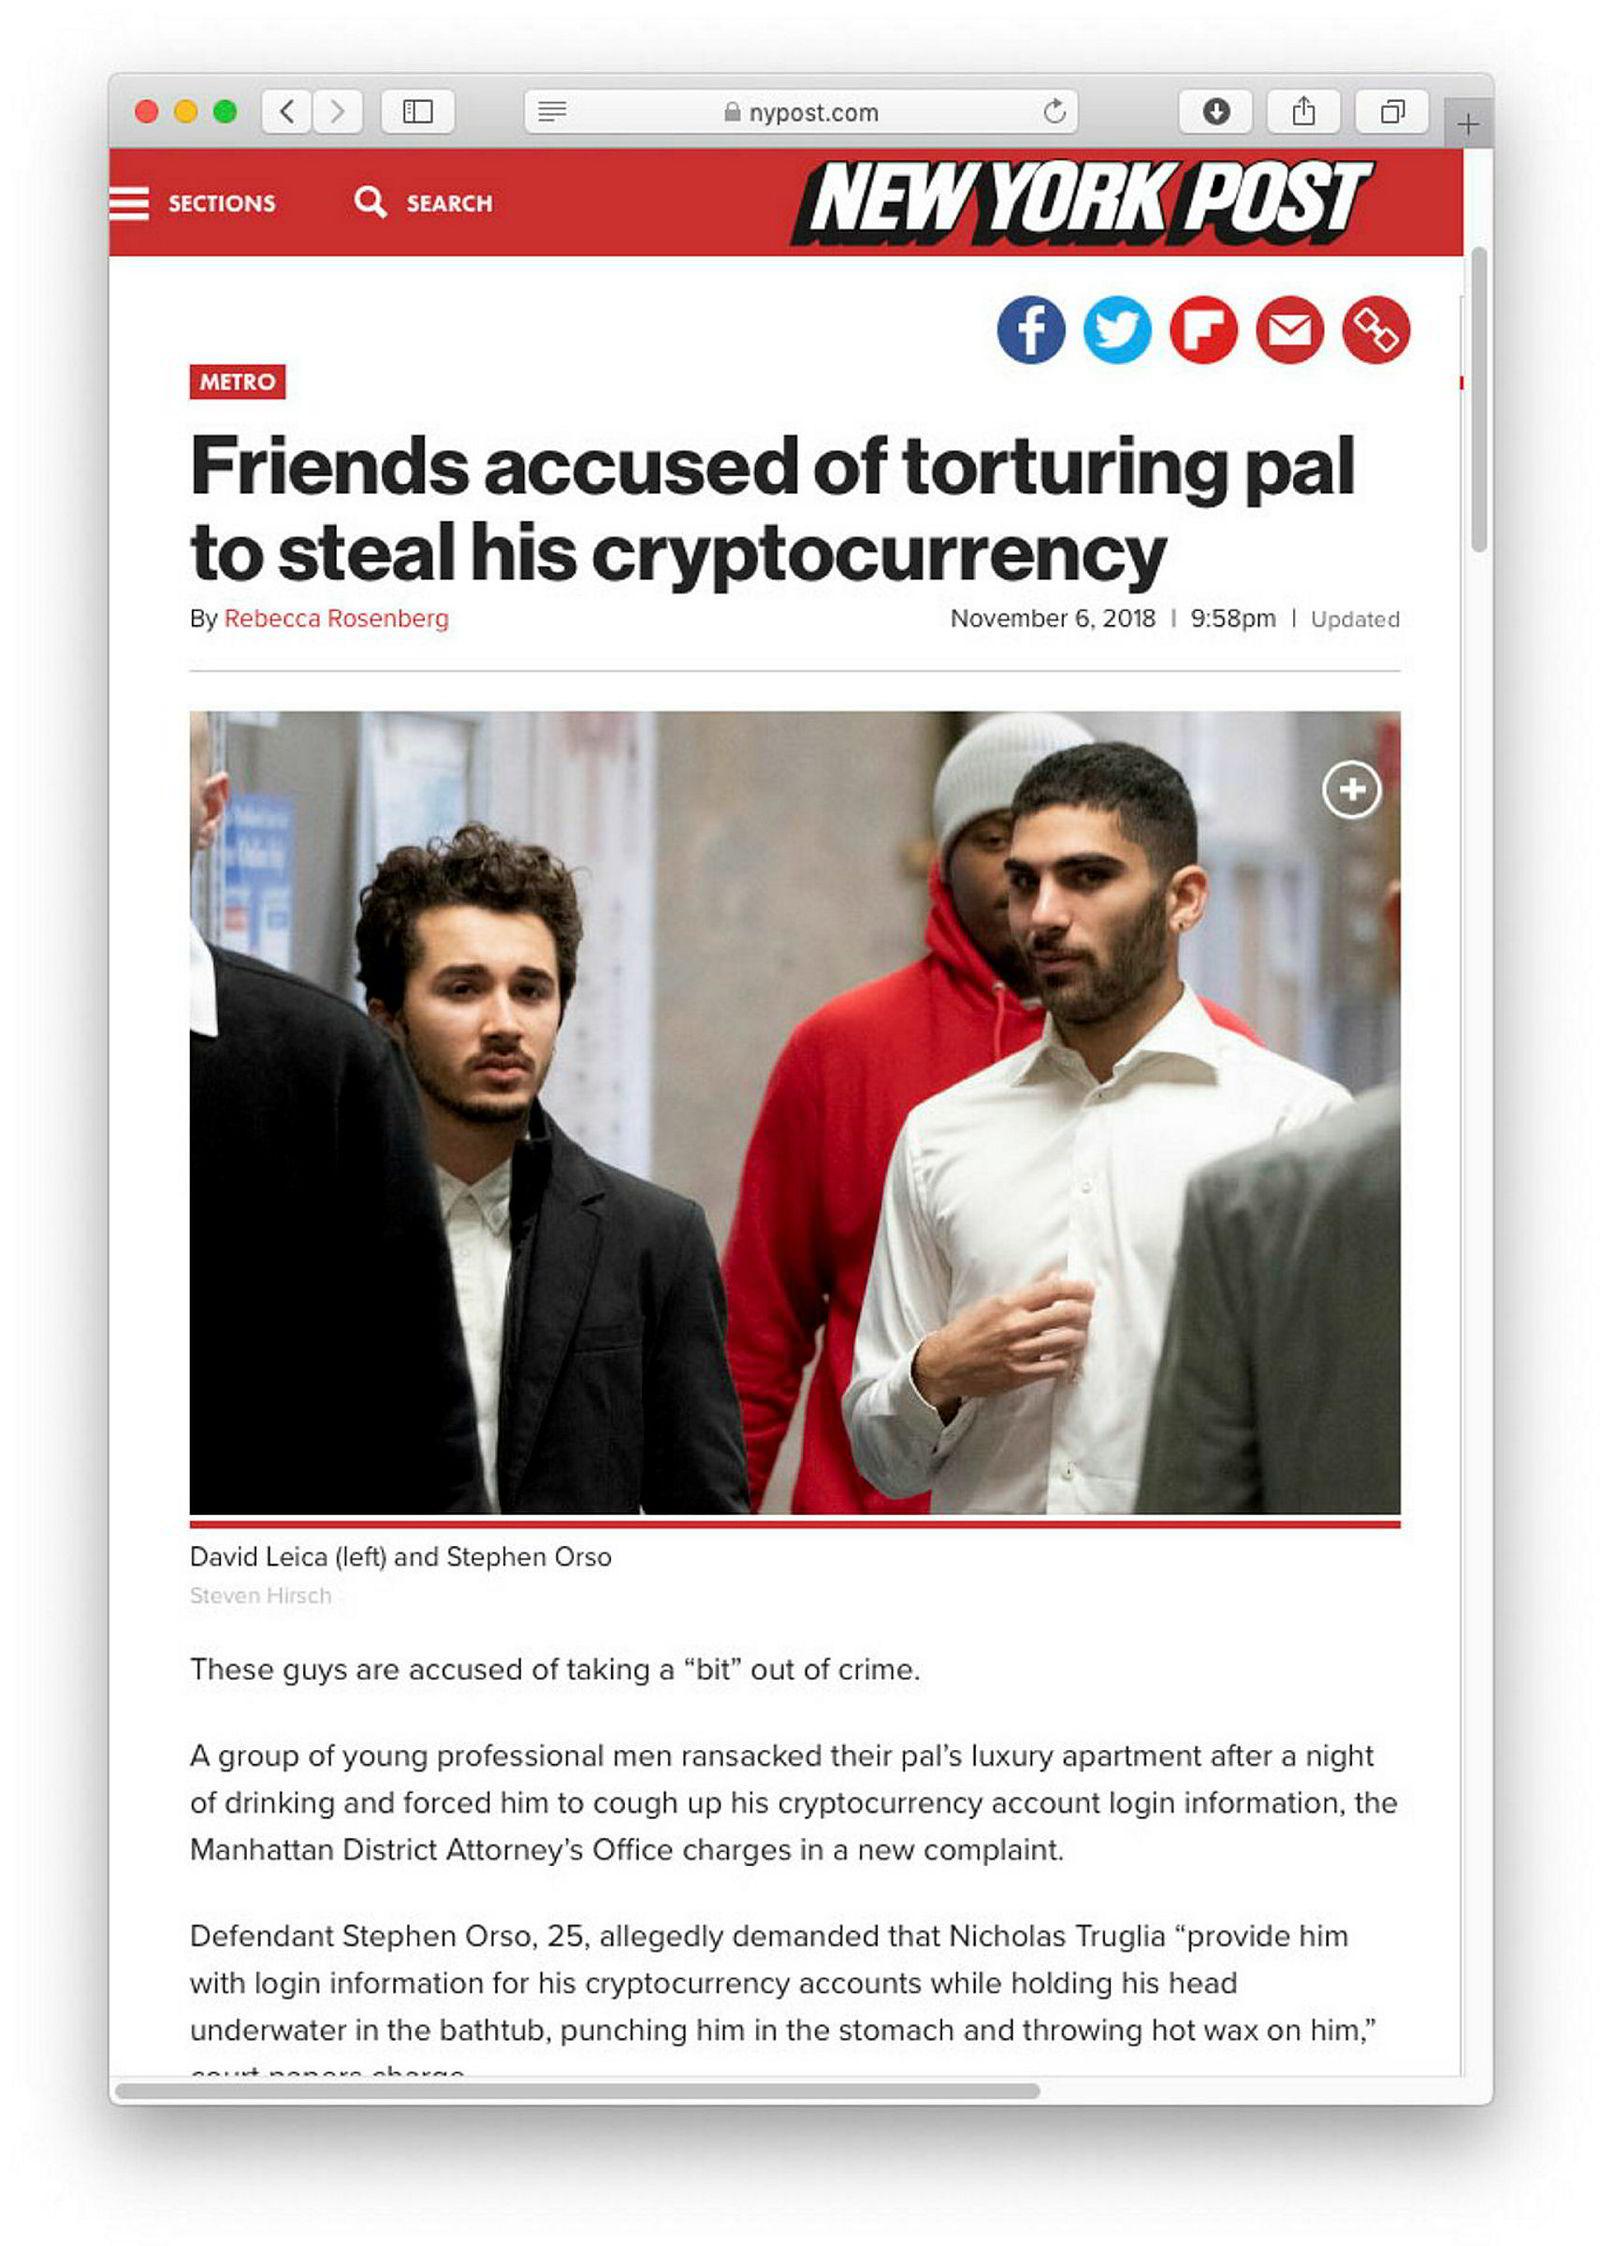 Fire menn presset en venn til å gi fra seg innloggingen til hans kryptovaluttakontoer.